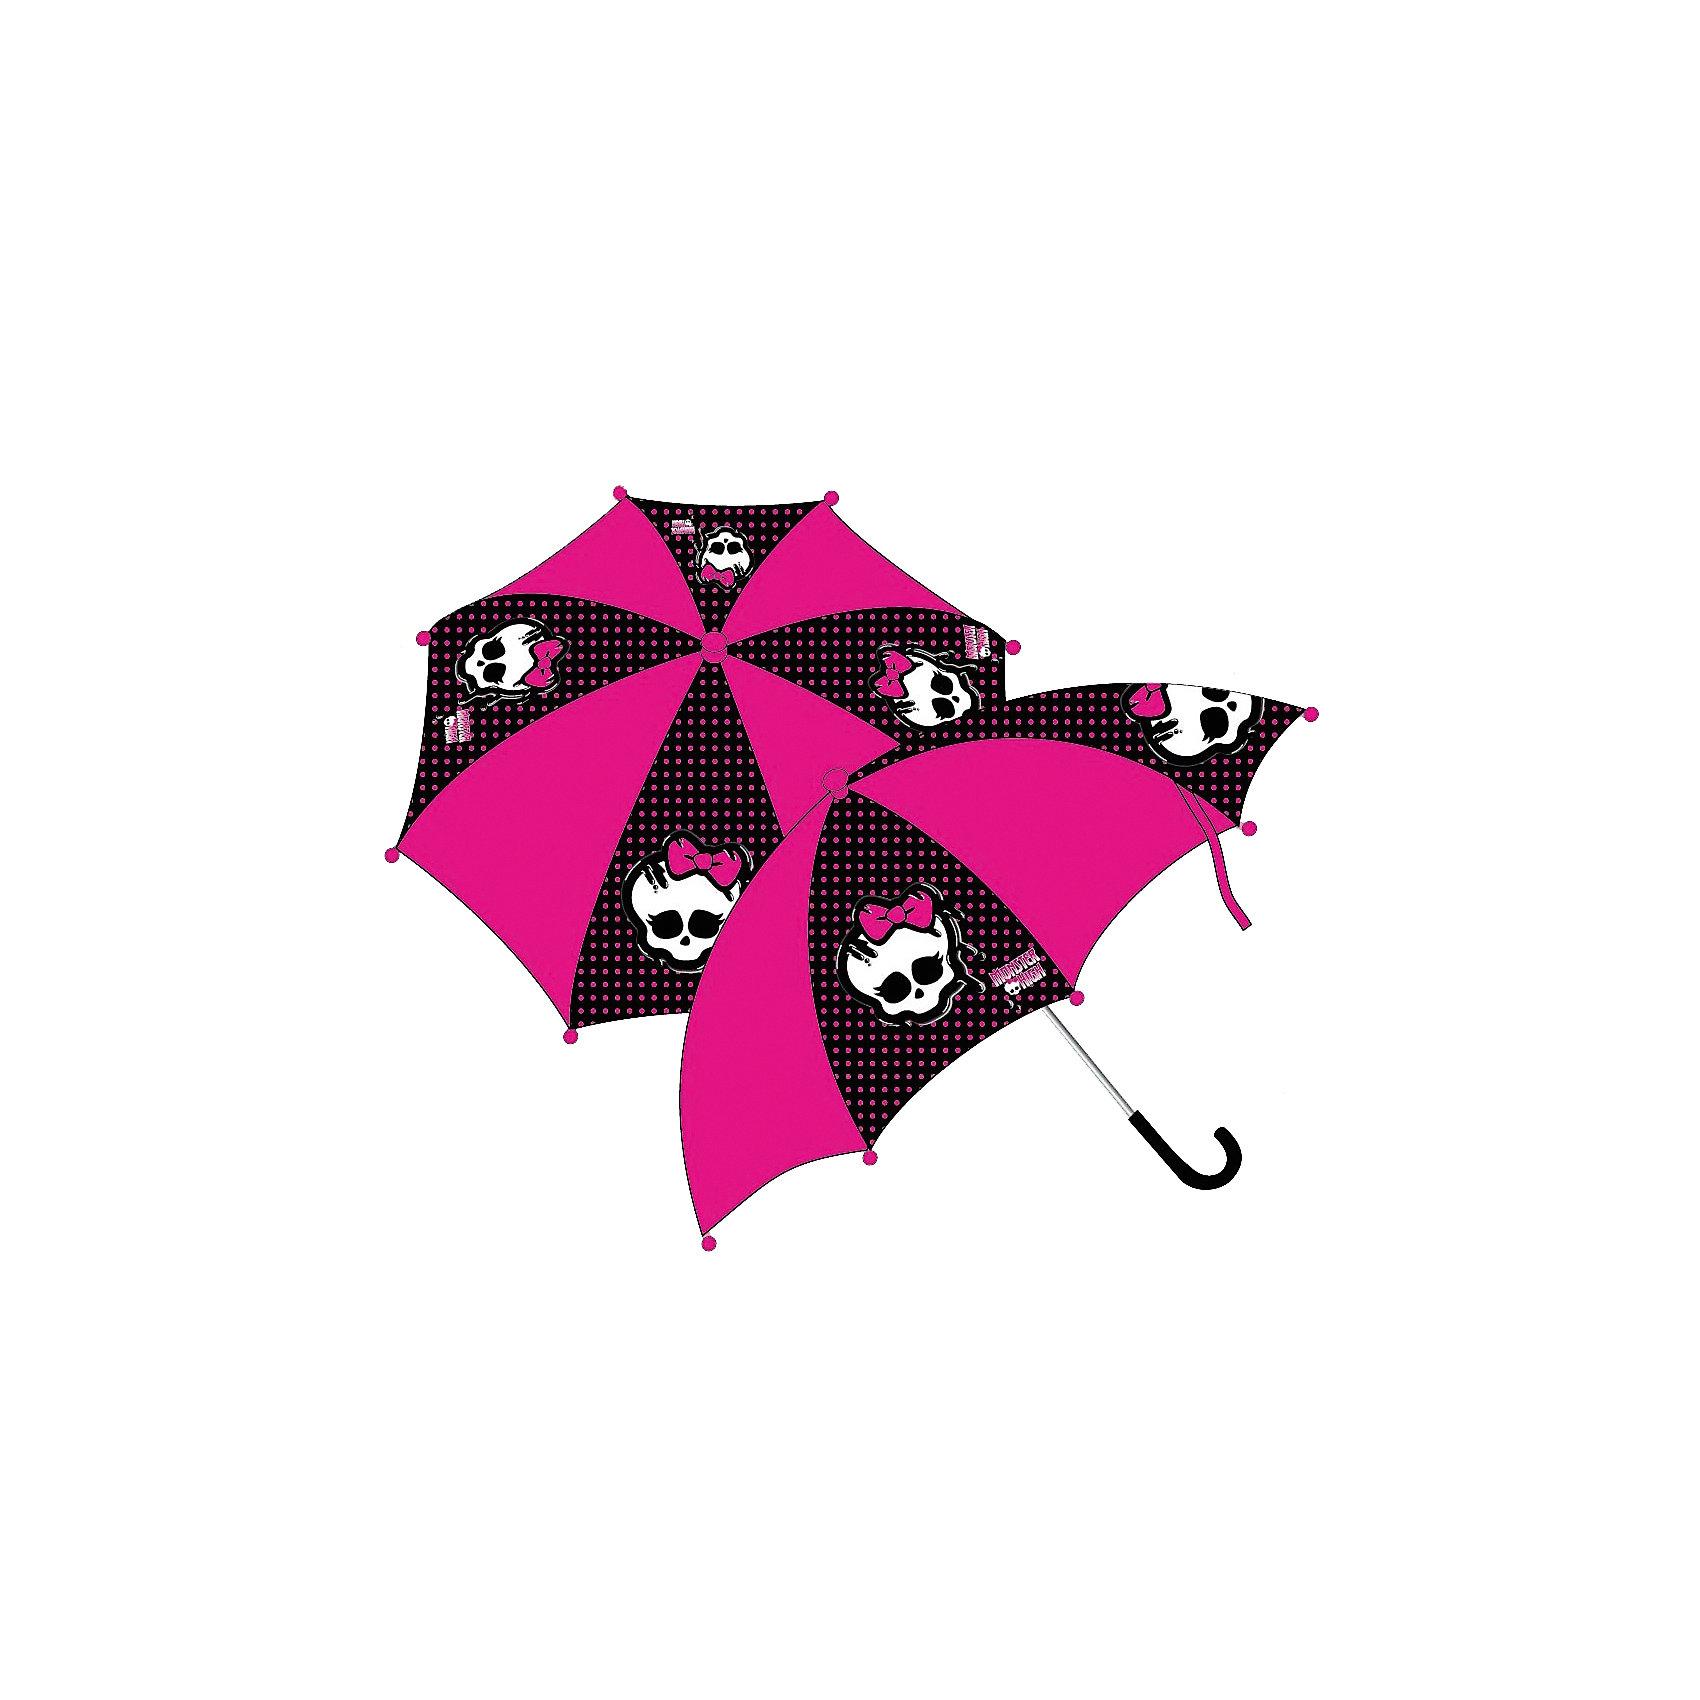 Зонт-трость, Monster HighЗонты детские<br>Компактный детский зонтик-трость станет замечательным подарком для Вашего чада и защитит его не только от дождя, но и от солнца. Красочный дизайн зонтика поднимет настроение и станет незаменимым атрибутом прогулки. Ребенок сможет сам открывать и закрывать зонтик, благодаря легкому механизму, а оригинальная расцветка зонтика привлечет к себе внимание.<br>Характеристики:<br>Диаметр купола: 68 см.<br>Длина в сложенном виде: 57 см.<br>Количество спиц: 8 шт.<br>Тип механизма: механический (открывается/закрывается вручную).<br>Материал: пластик, полиэстер, металл.<br><br>Ширина мм: 170<br>Глубина мм: 157<br>Высота мм: 67<br>Вес г: 117<br>Возраст от месяцев: 60<br>Возраст до месяцев: 192<br>Пол: Унисекс<br>Возраст: Детский<br>SKU: 4030715